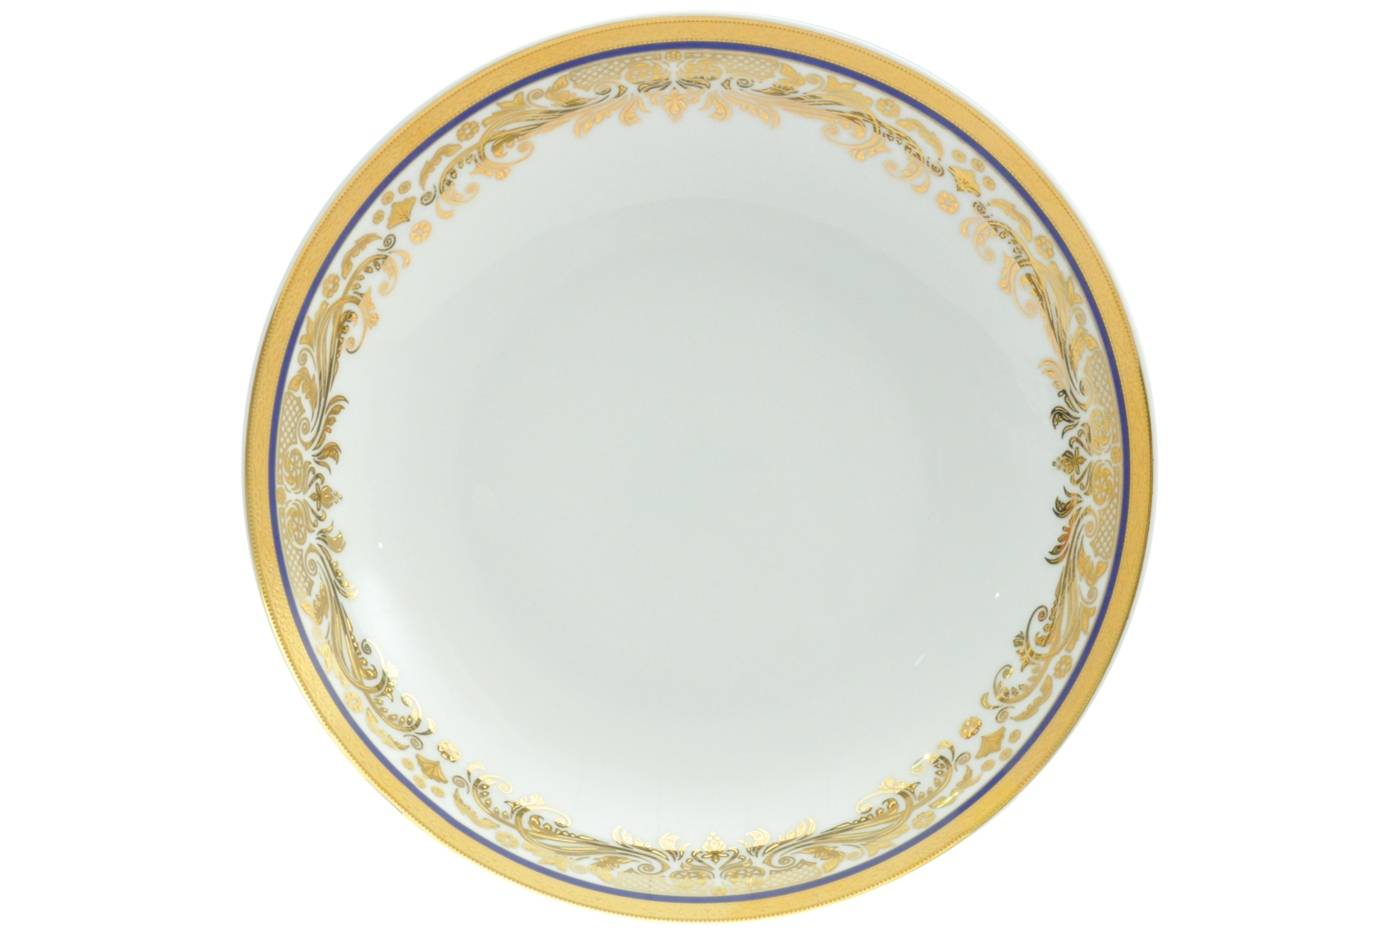 Набор из 6 тарелок суповых Royal Aurel Элит (20см) арт.721Наборы тарелок<br>Набор из 6 тарелок суповых Royal Aurel Элит (20см) арт.721<br>Производить посуду из фарфора начали в Китае на стыке 6-7 веков. Неустанно совершенствуя и селективно отбирая сырье для производства посуды из фарфора, мастерам удалось добиться выдающихся характеристик фарфора: белизны и тонкостенности. В XV веке появился особый интерес к китайской фарфоровой посуде, так как в это время Европе возникла мода на самобытные китайские вещи. Роскошный китайский фарфор являлся изыском и был в новинку, поэтому он выступал в качестве подарка королям, а также знатным людям. Такой дорогой подарок был очень престижен и по праву являлся элитной посудой. Как известно из многочисленных исторических документов, в Европе китайские изделия из фарфора ценились практически как золото. <br>Проверка изделий из костяного фарфора на подлинность <br>По сравнению с производством других видов фарфора процесс производства изделий из настоящего костяного фарфора сложен и весьма длителен. Посуда из изящного фарфора - это элитная посуда, которая всегда ассоциируется с богатством, величием и благородством. Несмотря на небольшую толщину, фарфоровая посуда - это очень прочное изделие. Для демонстрации плотности и прочности фарфора можно легко коснуться предметов посуды из фарфора деревянной палочкой, и тогда мы услушим характерный металлический звон. В составе фарфоровой посуды присутствует костяная зола, благодаря чему она может быть намного тоньше (не более 2,5 мм) и легче твердого или мягкого фарфора. Безупречная белизна - ключевой признак отличия такого фарфора от других. Цвет обычного фарфора сероватый или ближе к голубоватому, а костяной фарфор будет всегда будет молочно-белого цвета. Характерная и немаловажная деталь - это невесомая прозрачность изделий из фарфора такая, что сквозь него проходит свет.<br>